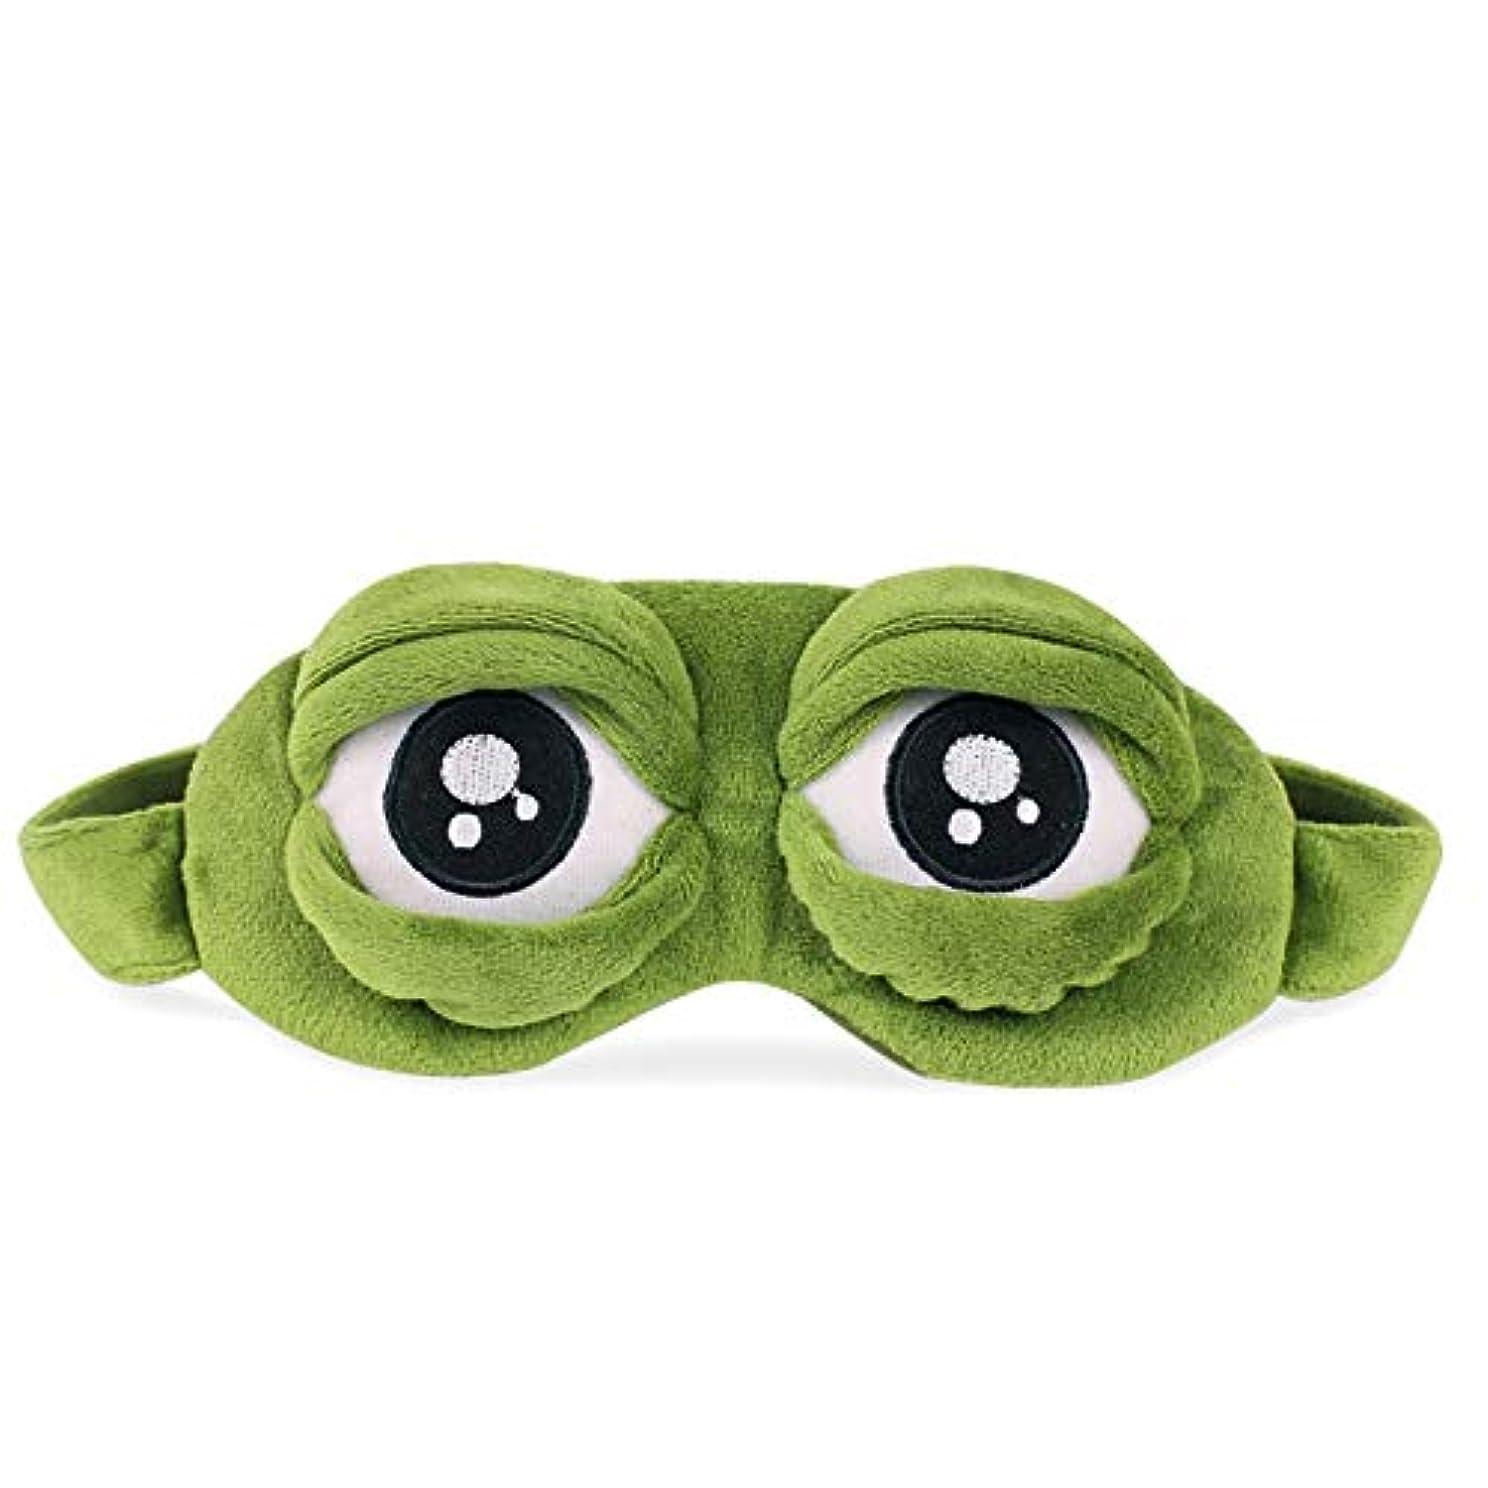 誘惑月曜利点NOTE 悲しいカエルグリーン用ガールフレンドギフト悲しいカエル3dアイマスクソフトスリーピング面白いコスプレおもちゃ眠れる森の美女ゴーグル